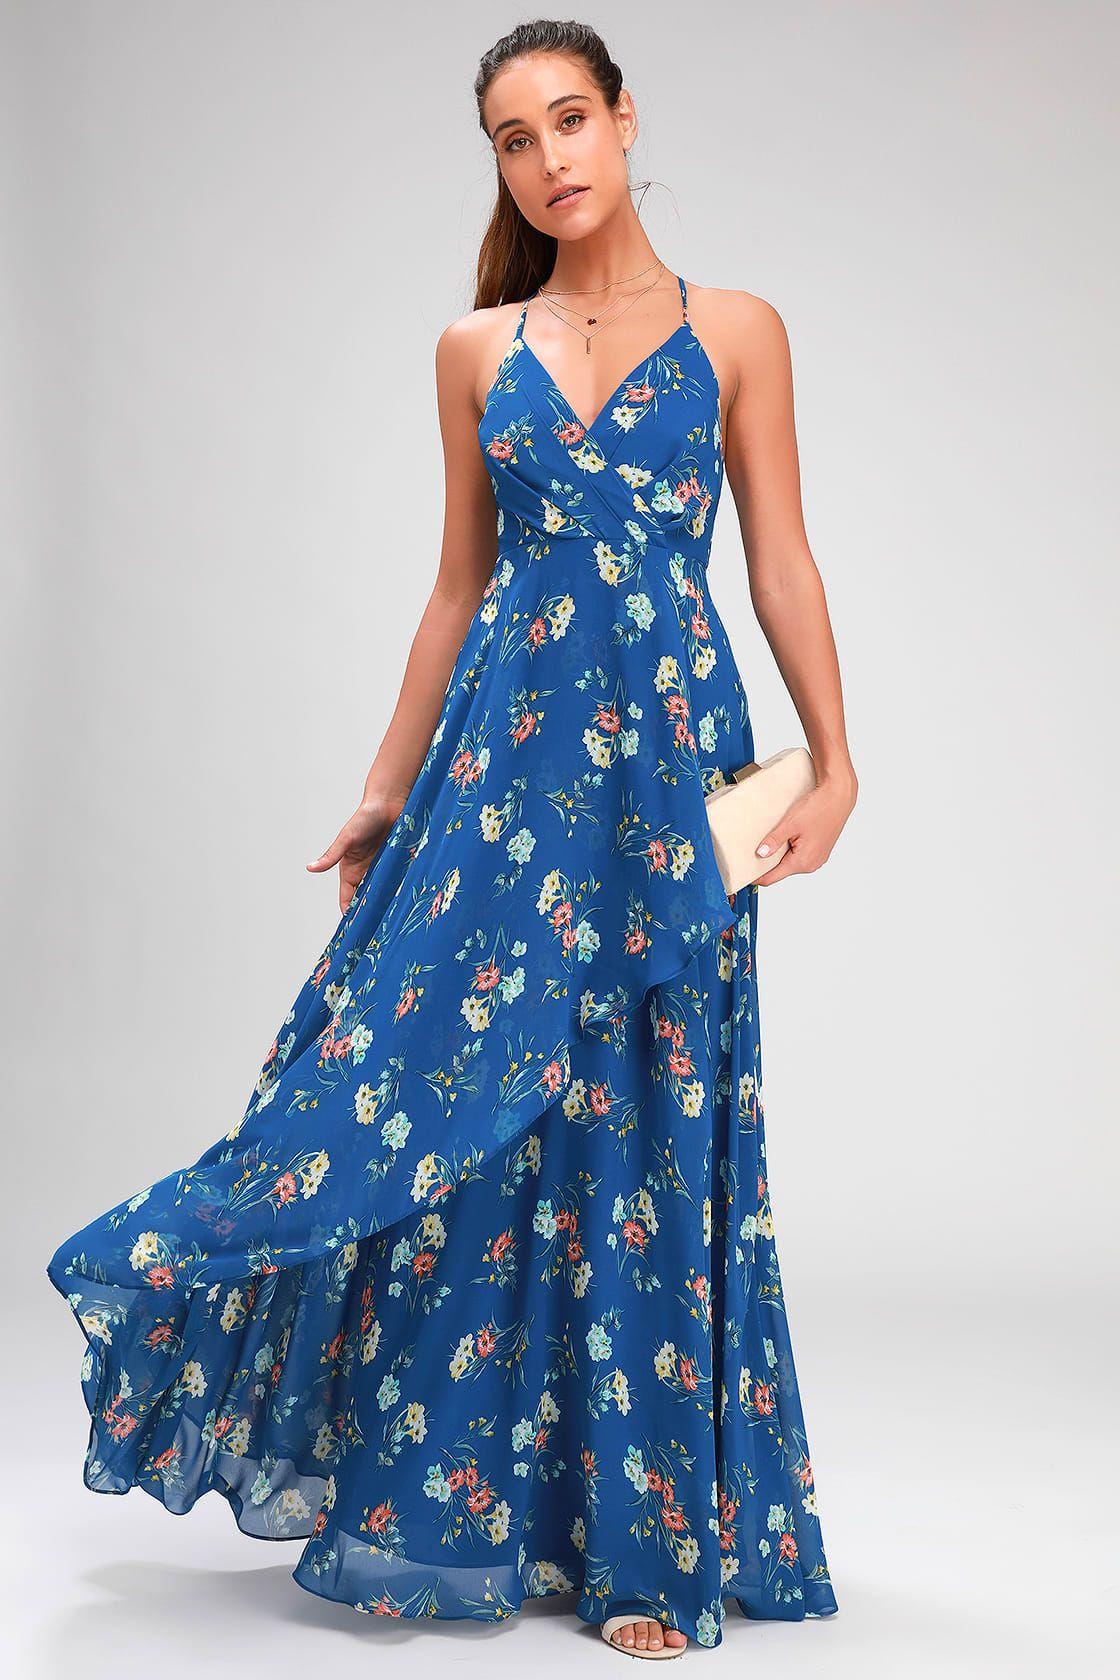 Romance Abound Royal Blue Floral Print Surplice Maxi Dress Maxi Dress Cute Floral Dresses Dresses [ 1680 x 1120 Pixel ]